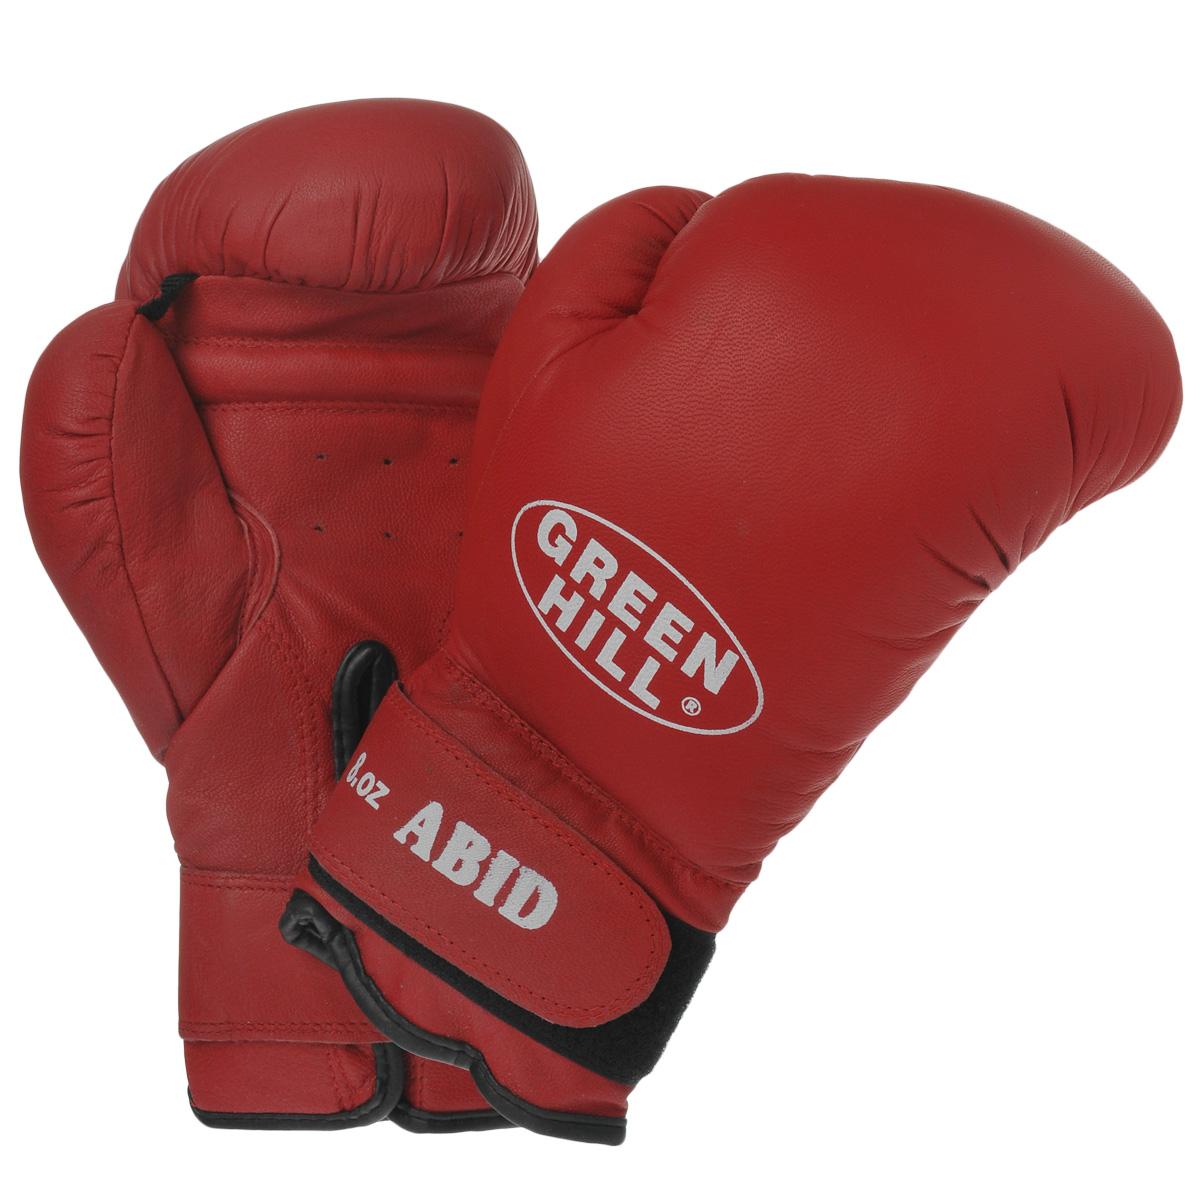 Перчатки боксерские Green Hill Abid, цвет: красный. Вес 8 унцийAIRWHEEL Q3-340WH-BLACKБоксерские тренировочные перчатки Green Hill Abid выполнены из натуральной кожи. Они отлично подойдут для начинающих спортсменов. Мягкий наполнитель из очеса предотвращает любые травмы. Широкий ремень, охватывая запястье, полностью оборачивается вокруг манжеты, благодаря чему создается дополнительная защита лучезапястного сустава от травмирования. Застежка на липучке способствует быстрому и удобному одеванию перчаток, плотно фиксирует перчатки на руке.